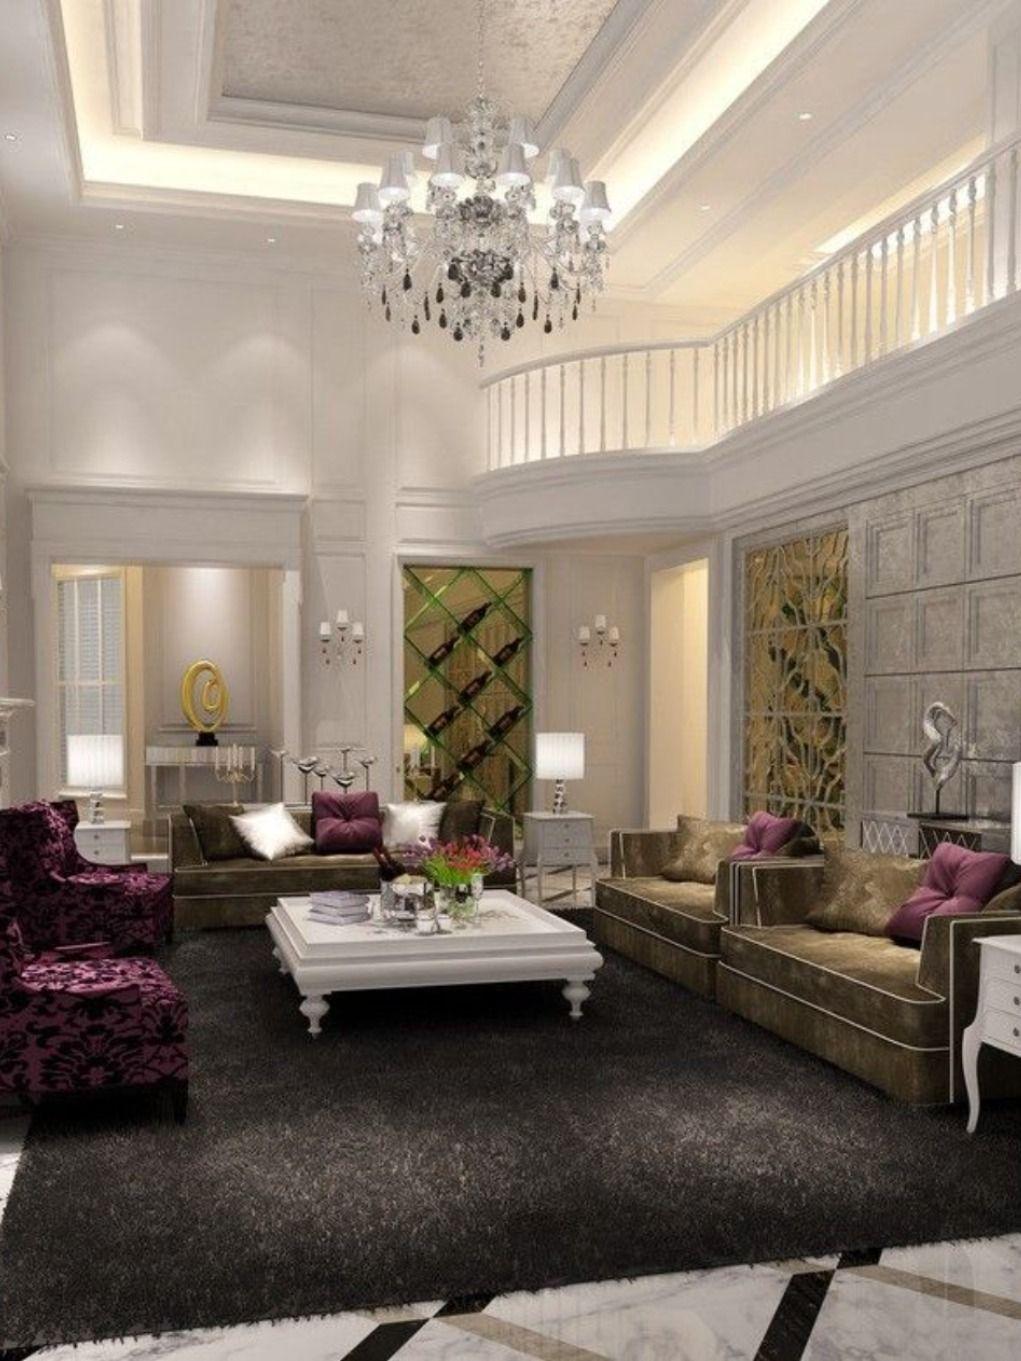 Luxury Living Room Ideas Luxury Living Room Interior Design Living Room Luxury Furniture Living Room